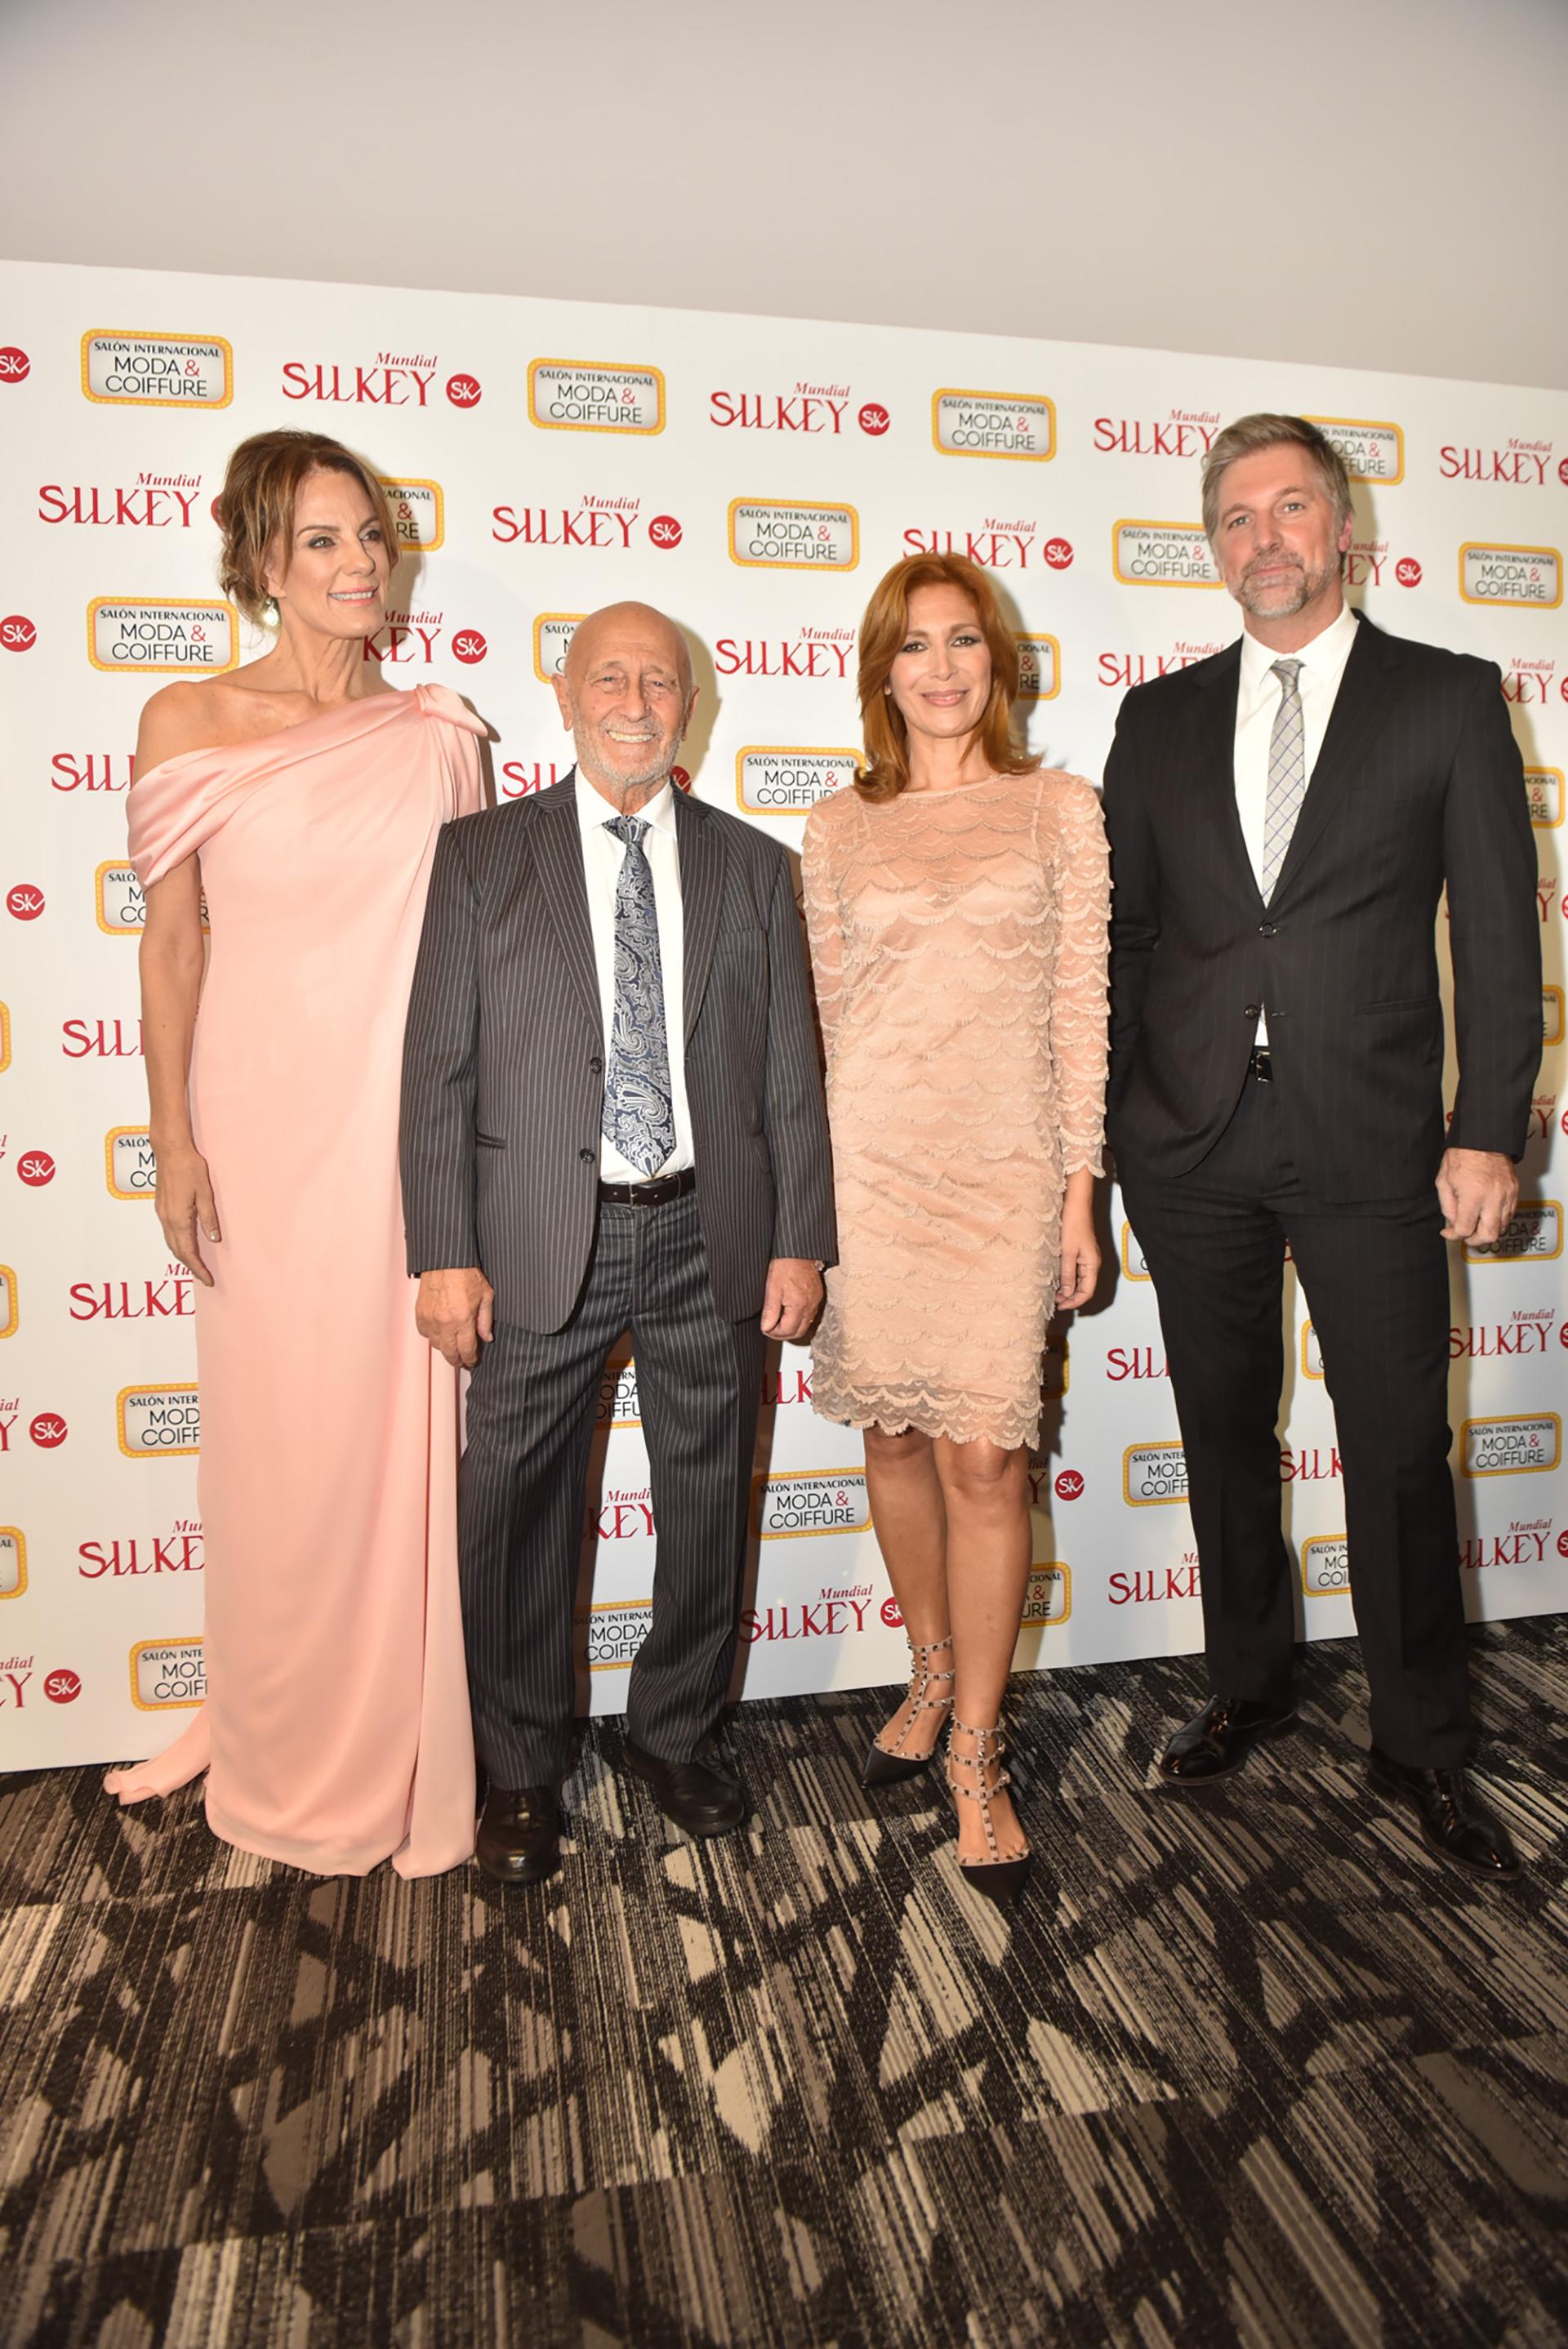 La ex modelo y conductora del evento, Nequi Galotti junto a los dueños y fundadores de Silkey, Mauricio Wachs y Elizabeth Yelin y el conductor Horacio Cabak